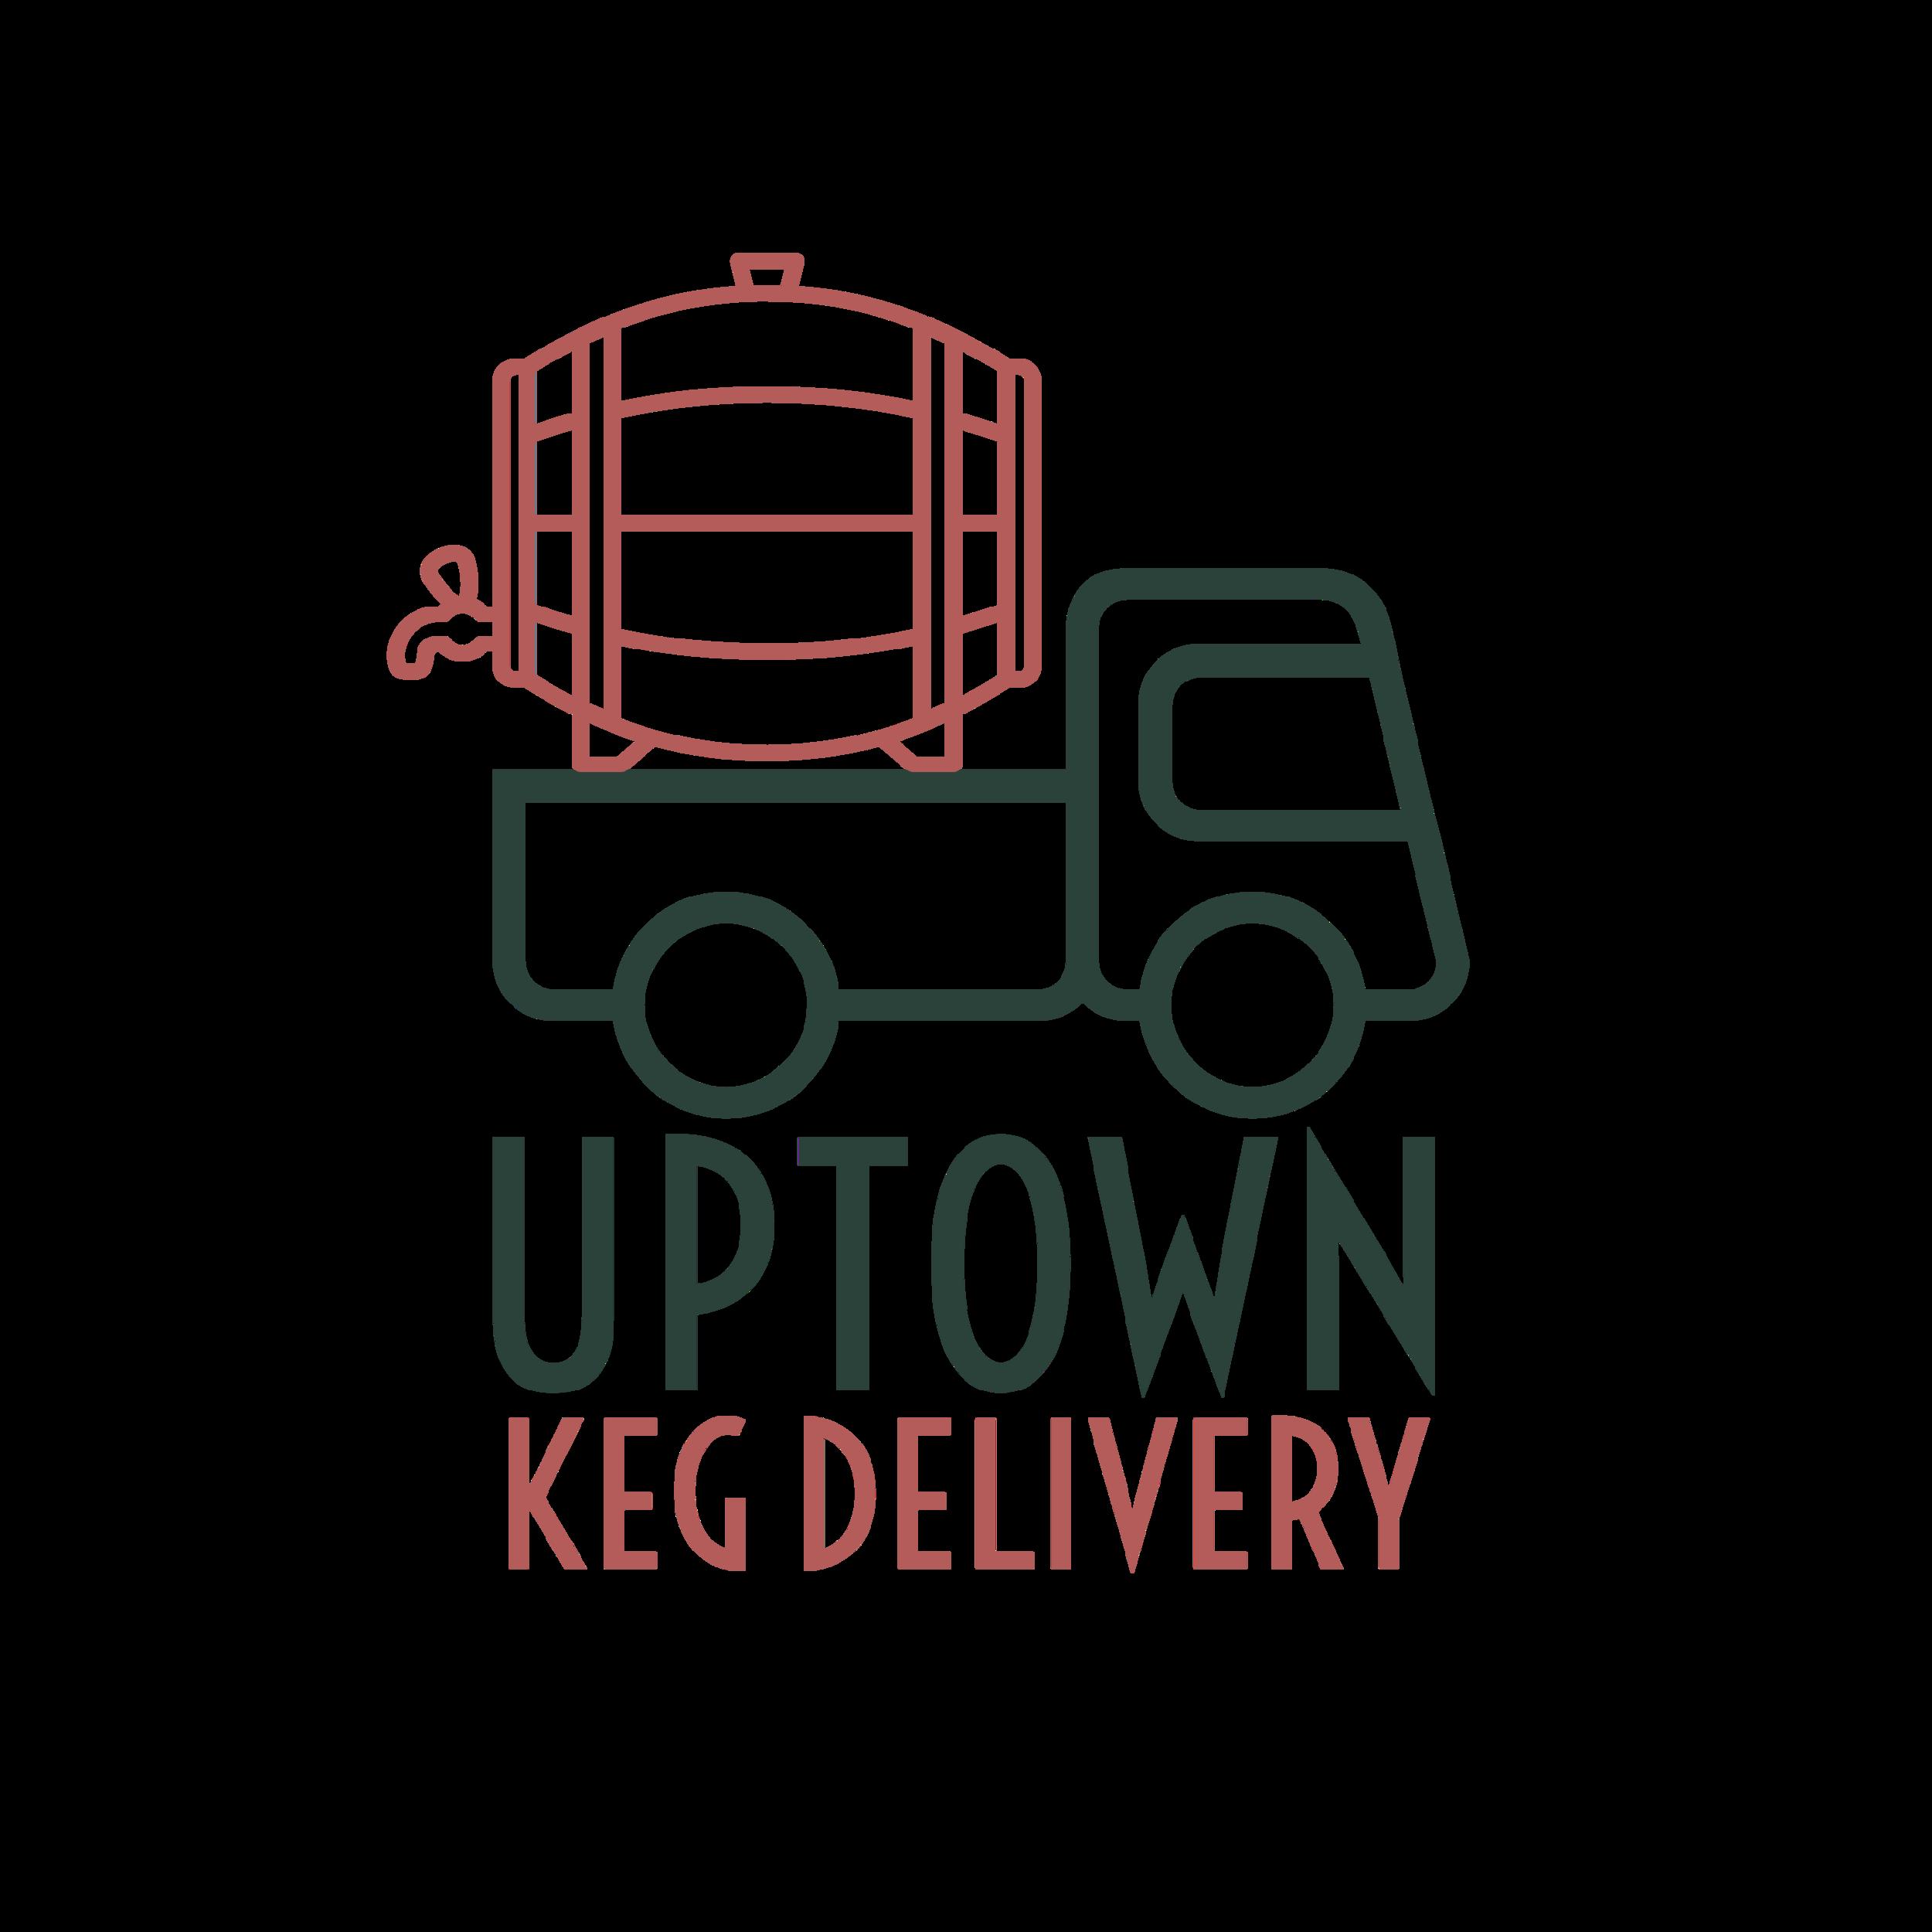 Uptown Keg DeliveryPoster (1).jpg